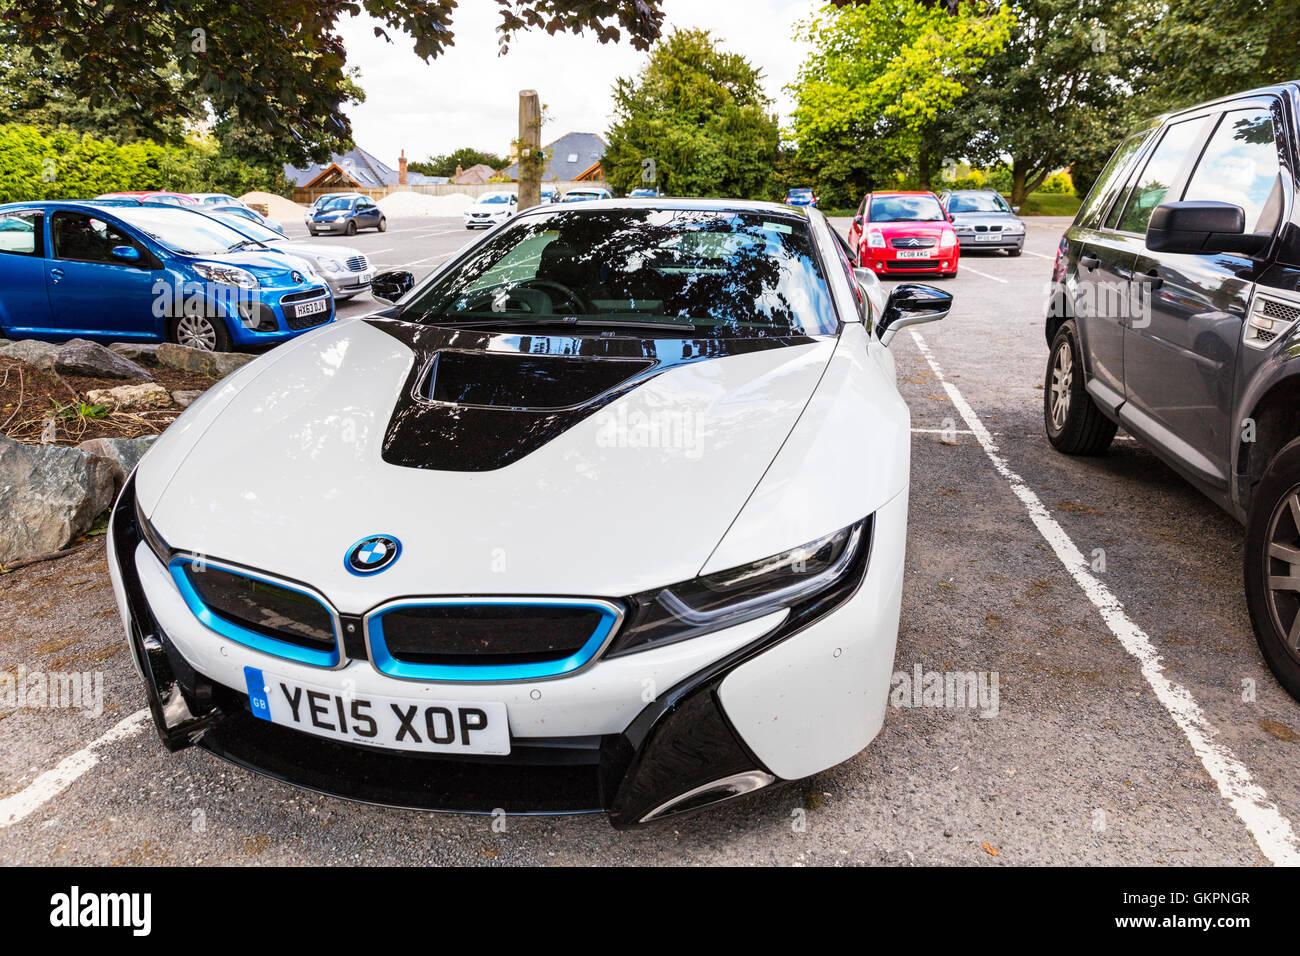 BMW i8 Sports Car plug-in híbrido de coches deportivos desarrollado por BMW estacionado el vehículo superdeportivo Imagen De Stock